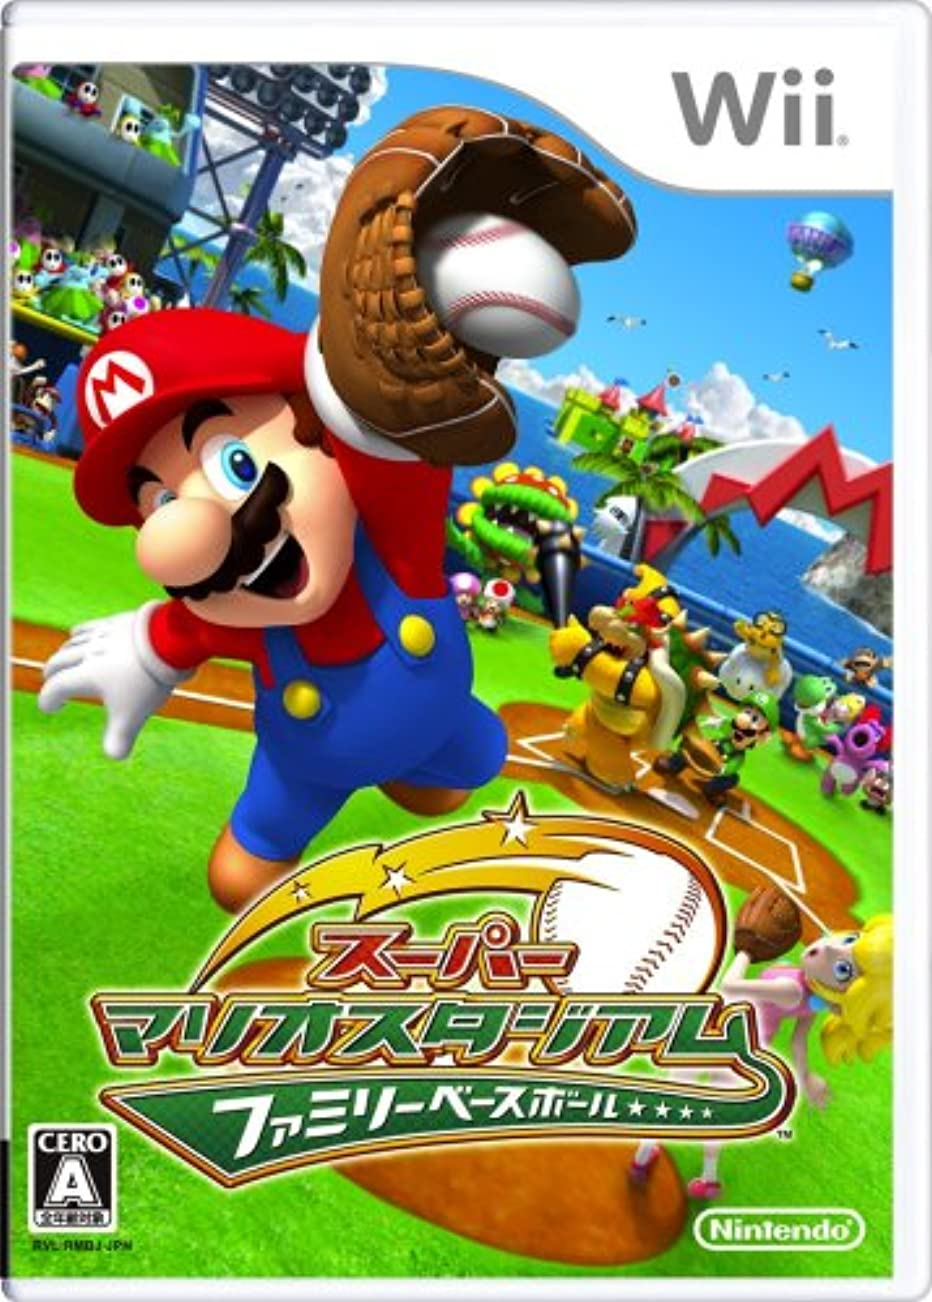 完全にステーキすりスーパーマリオスタジアム ファミリーベースボール - Wii